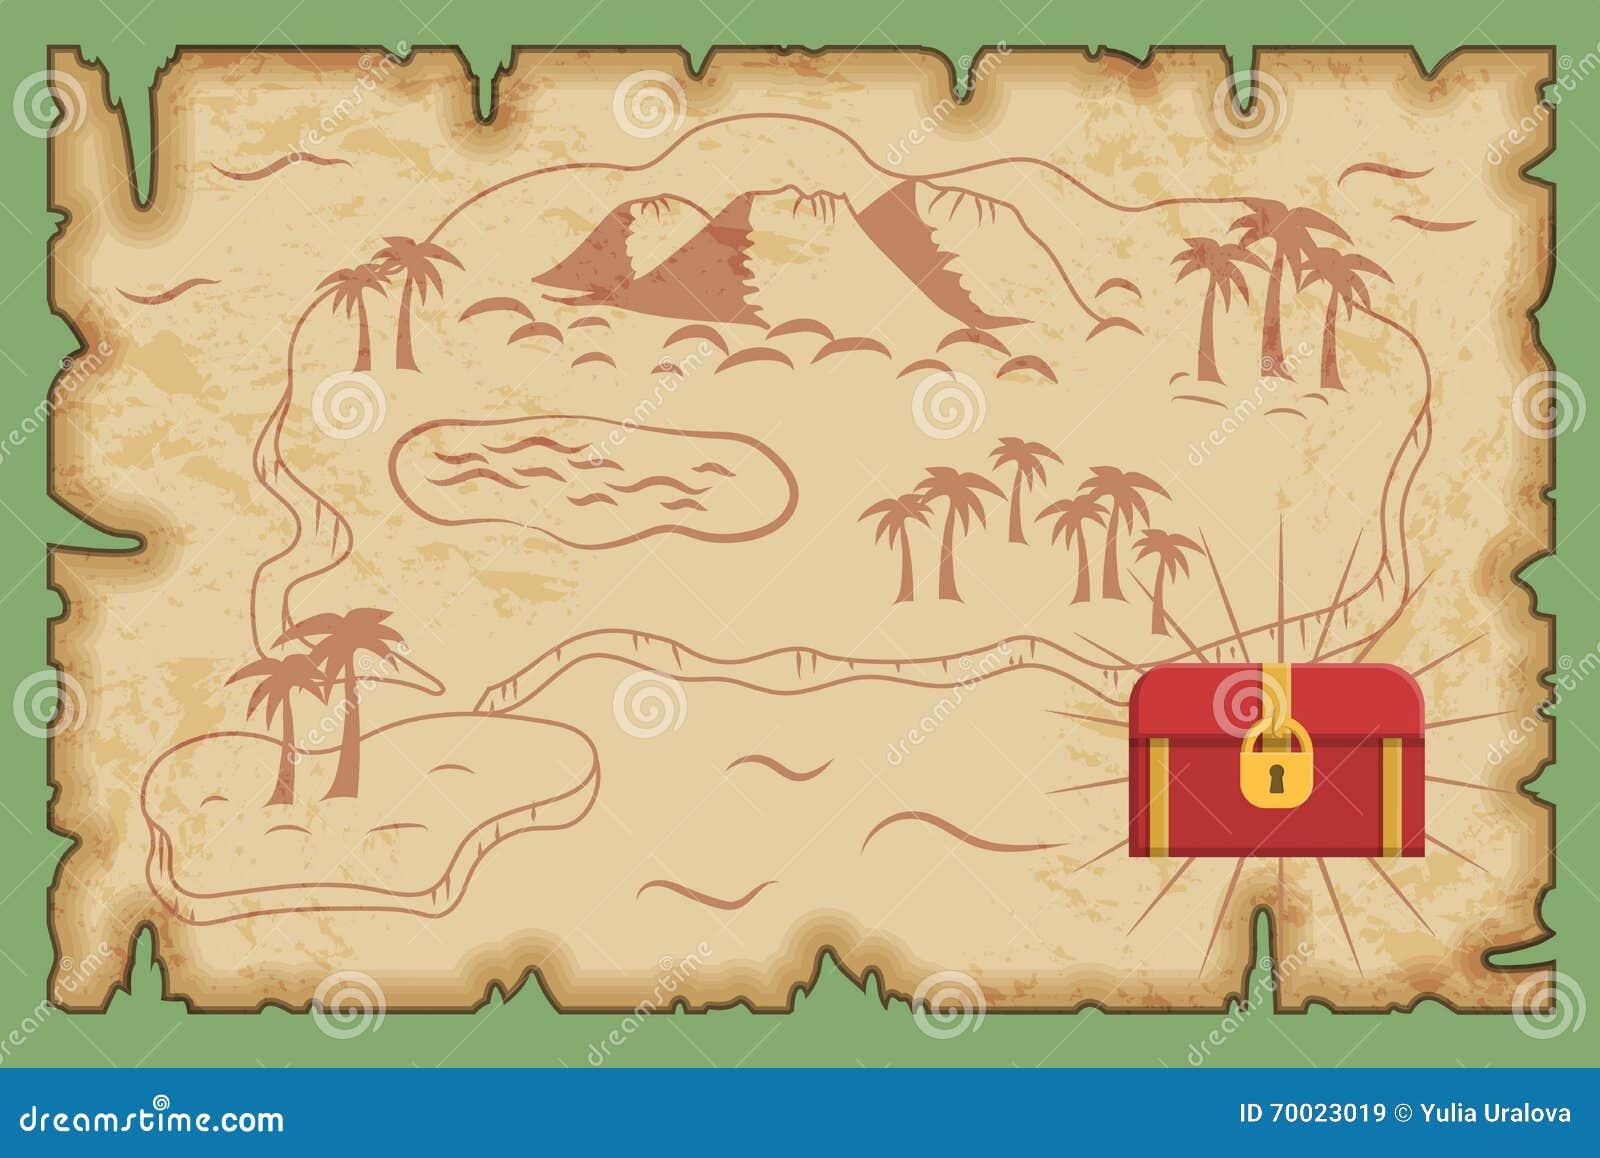 Carte Au Tresor Histoire.Modele Antique De Carte De Tresor De Pirate Illustration De